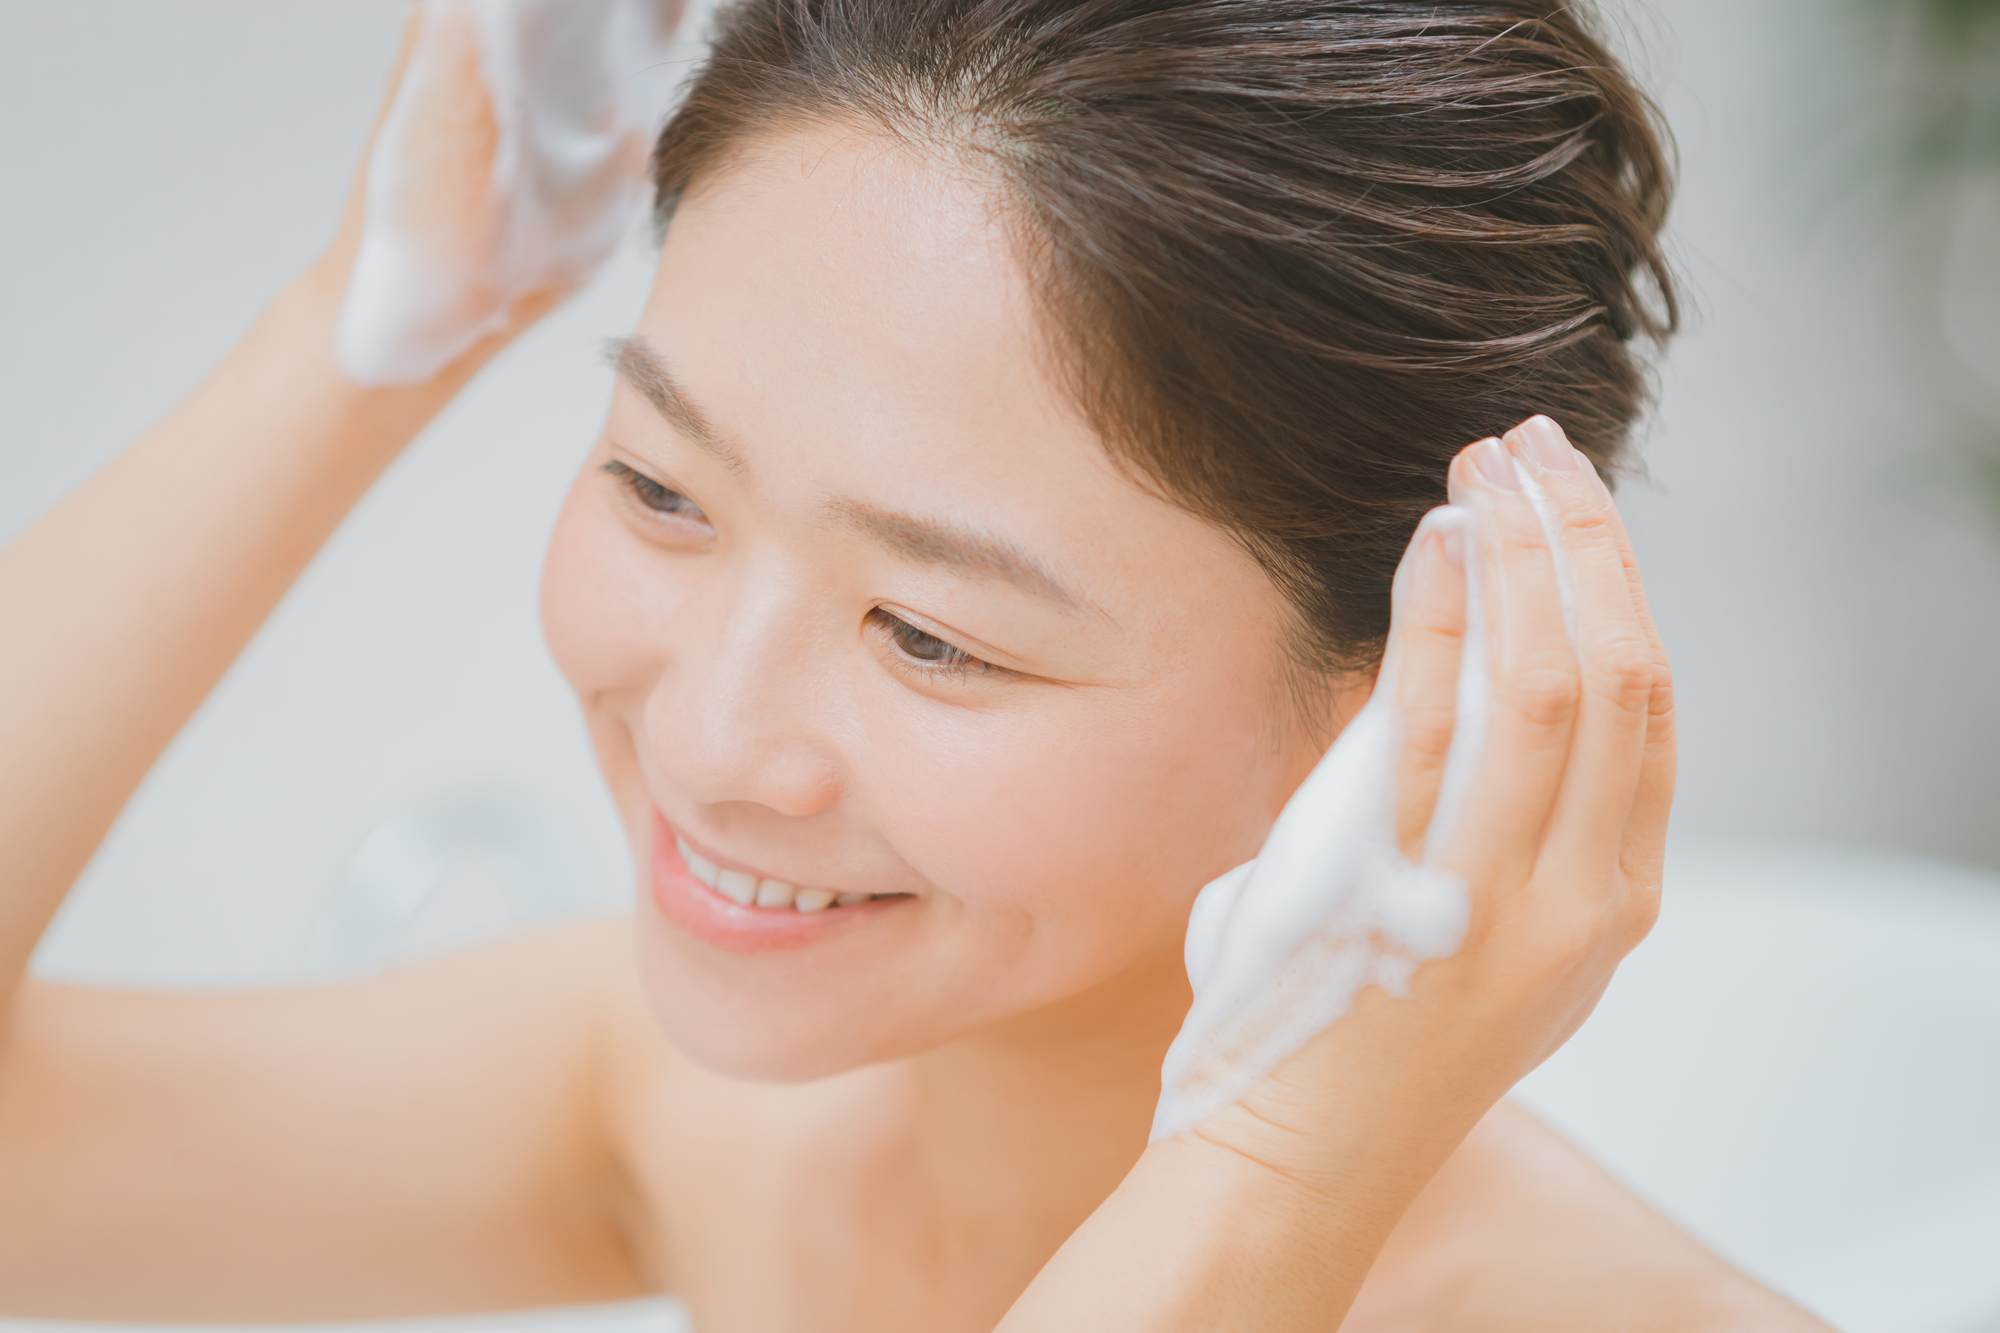 円形びまん性脱毛症の人に効くおすすめのおすすめのシャンプーは?育毛効果があるものが人気!